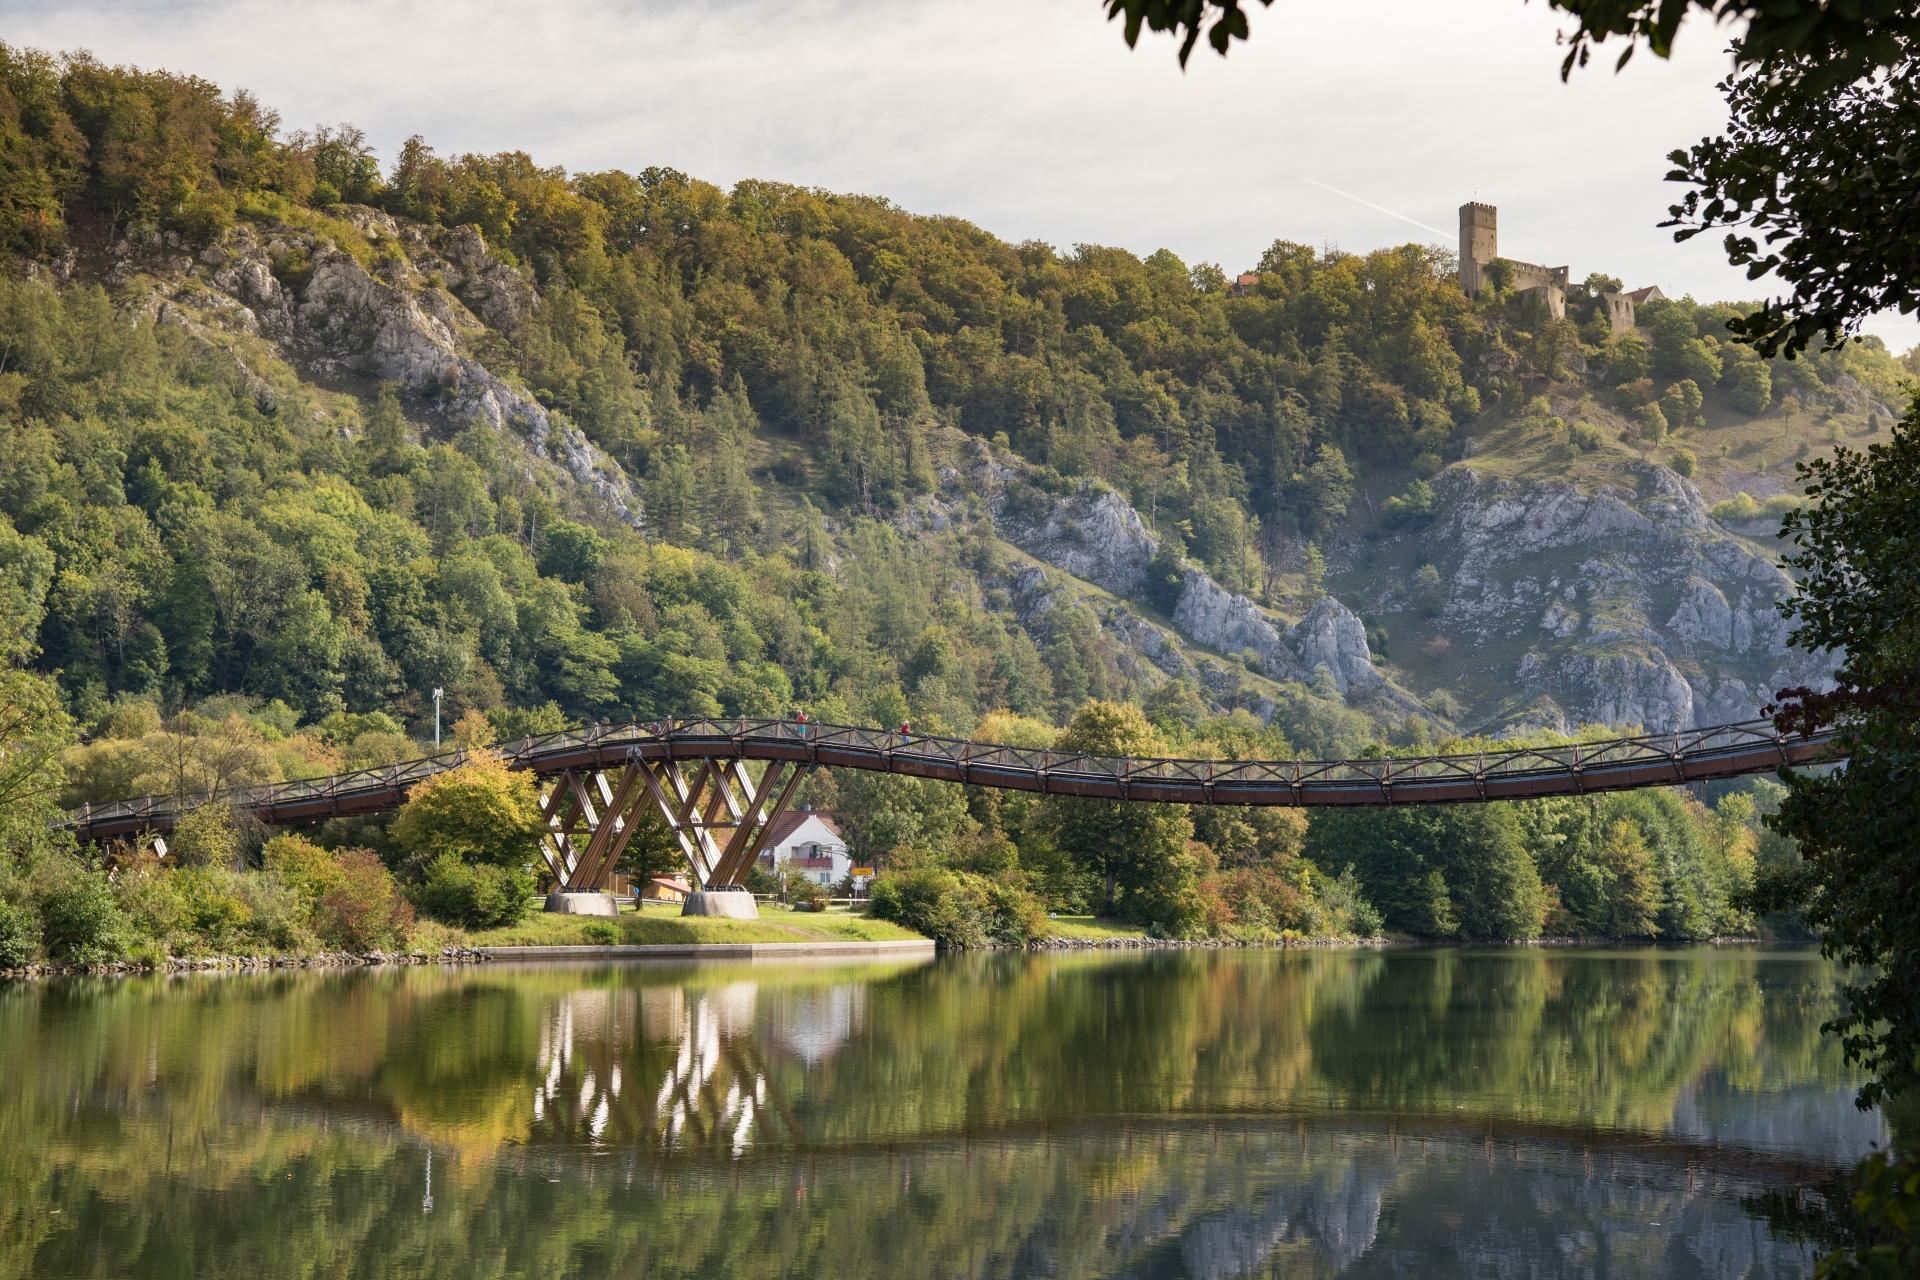 Blick zur Burgruine Randeck und zur Holzbrücke Tatzlwurm in Essing im Altmühltal